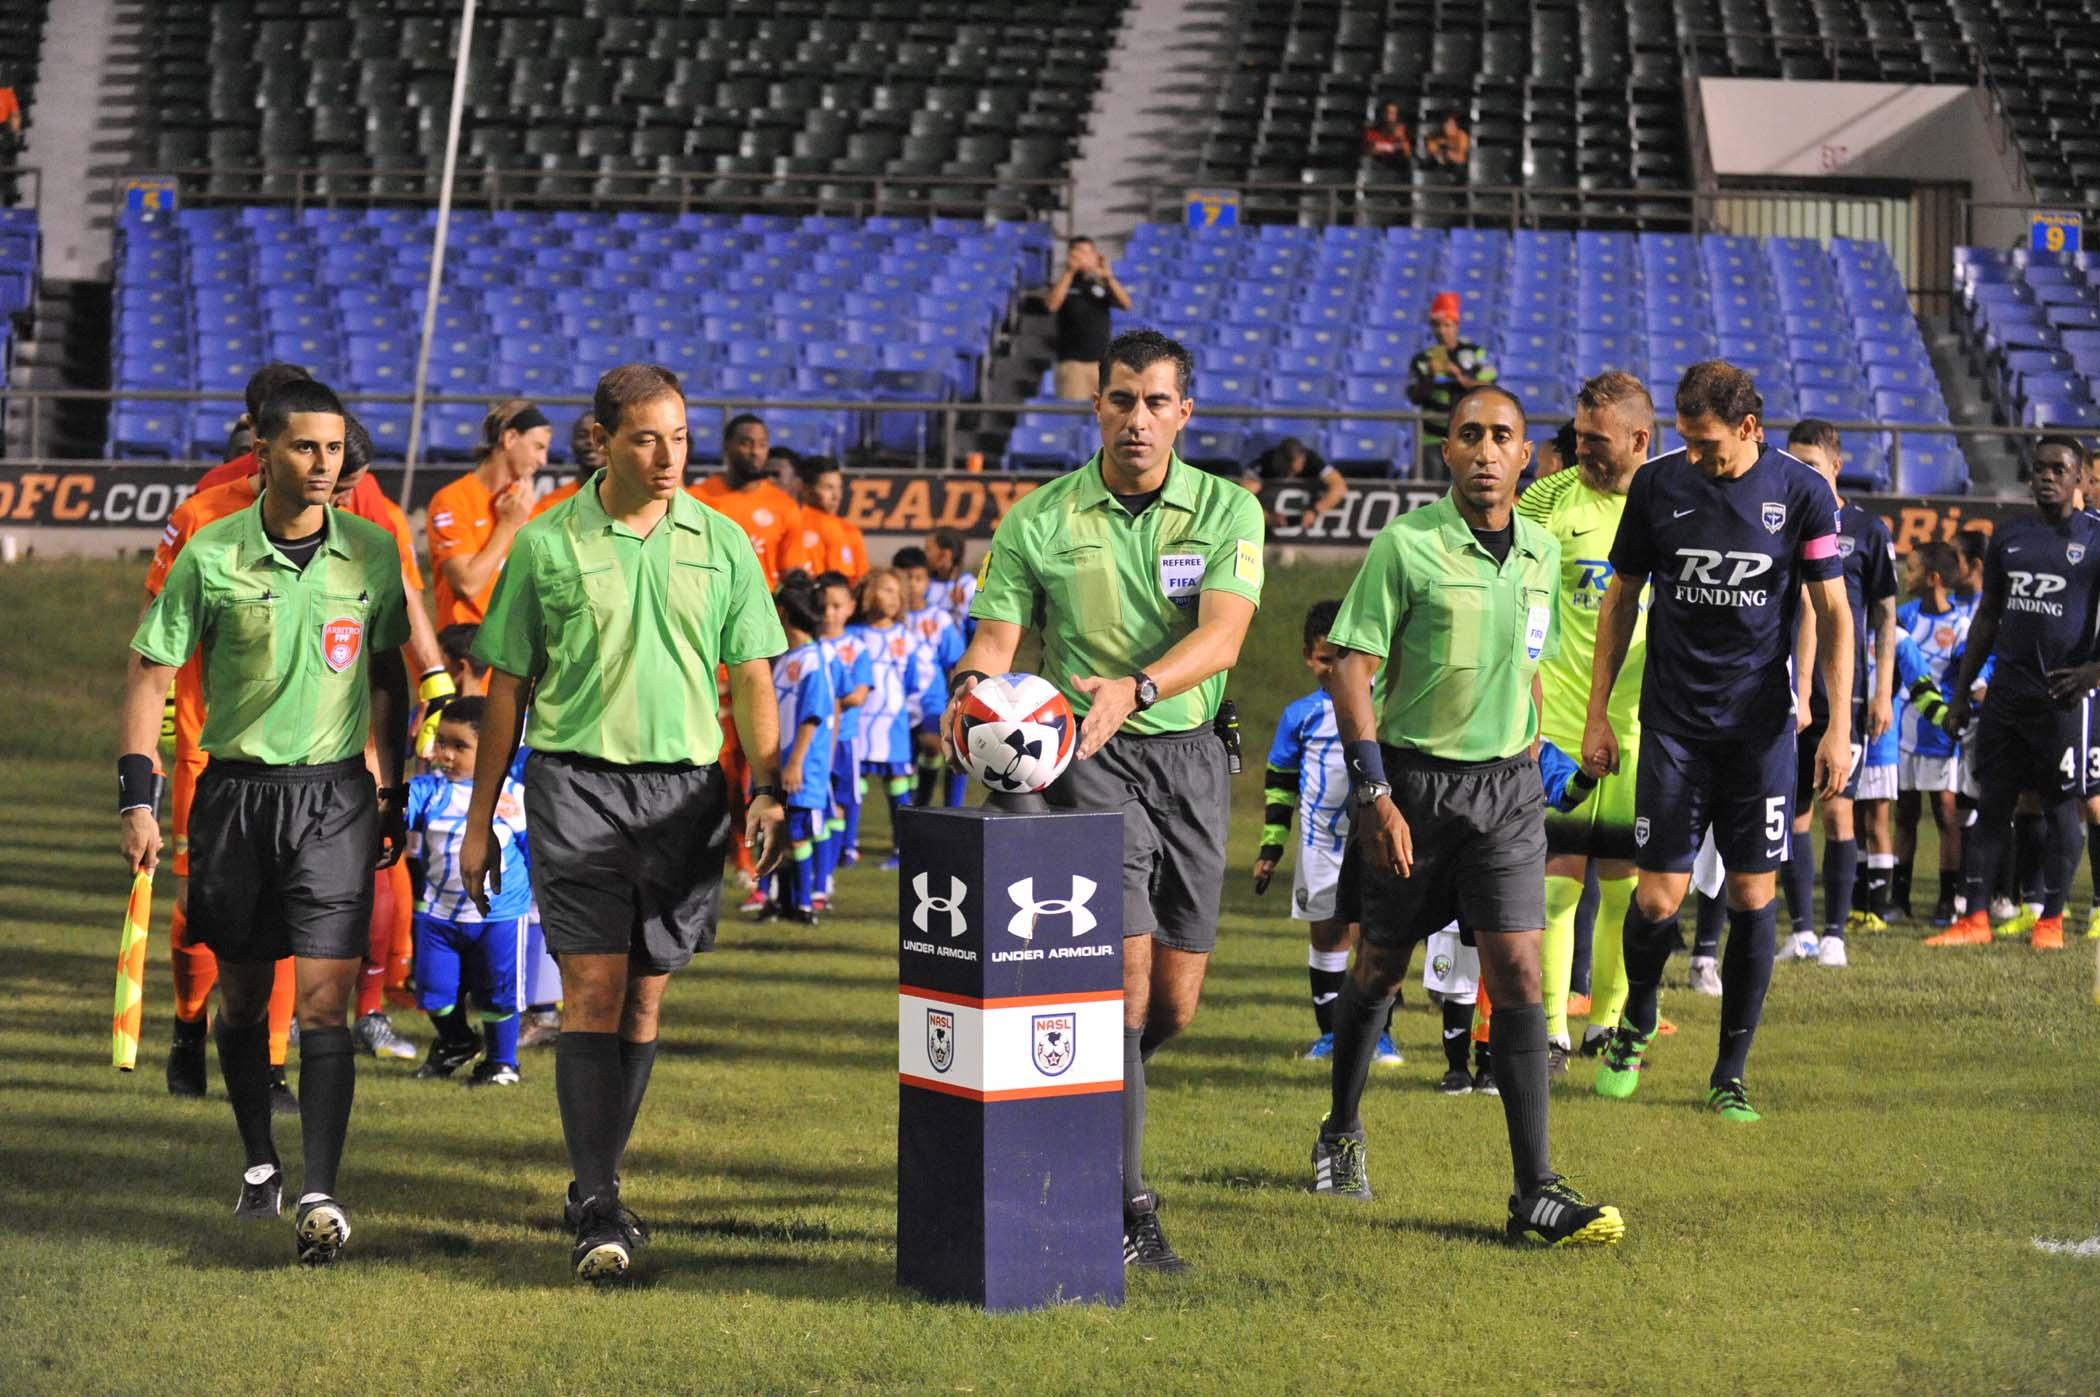 Uno de los referees tomando la pelota para iniciar el juego.